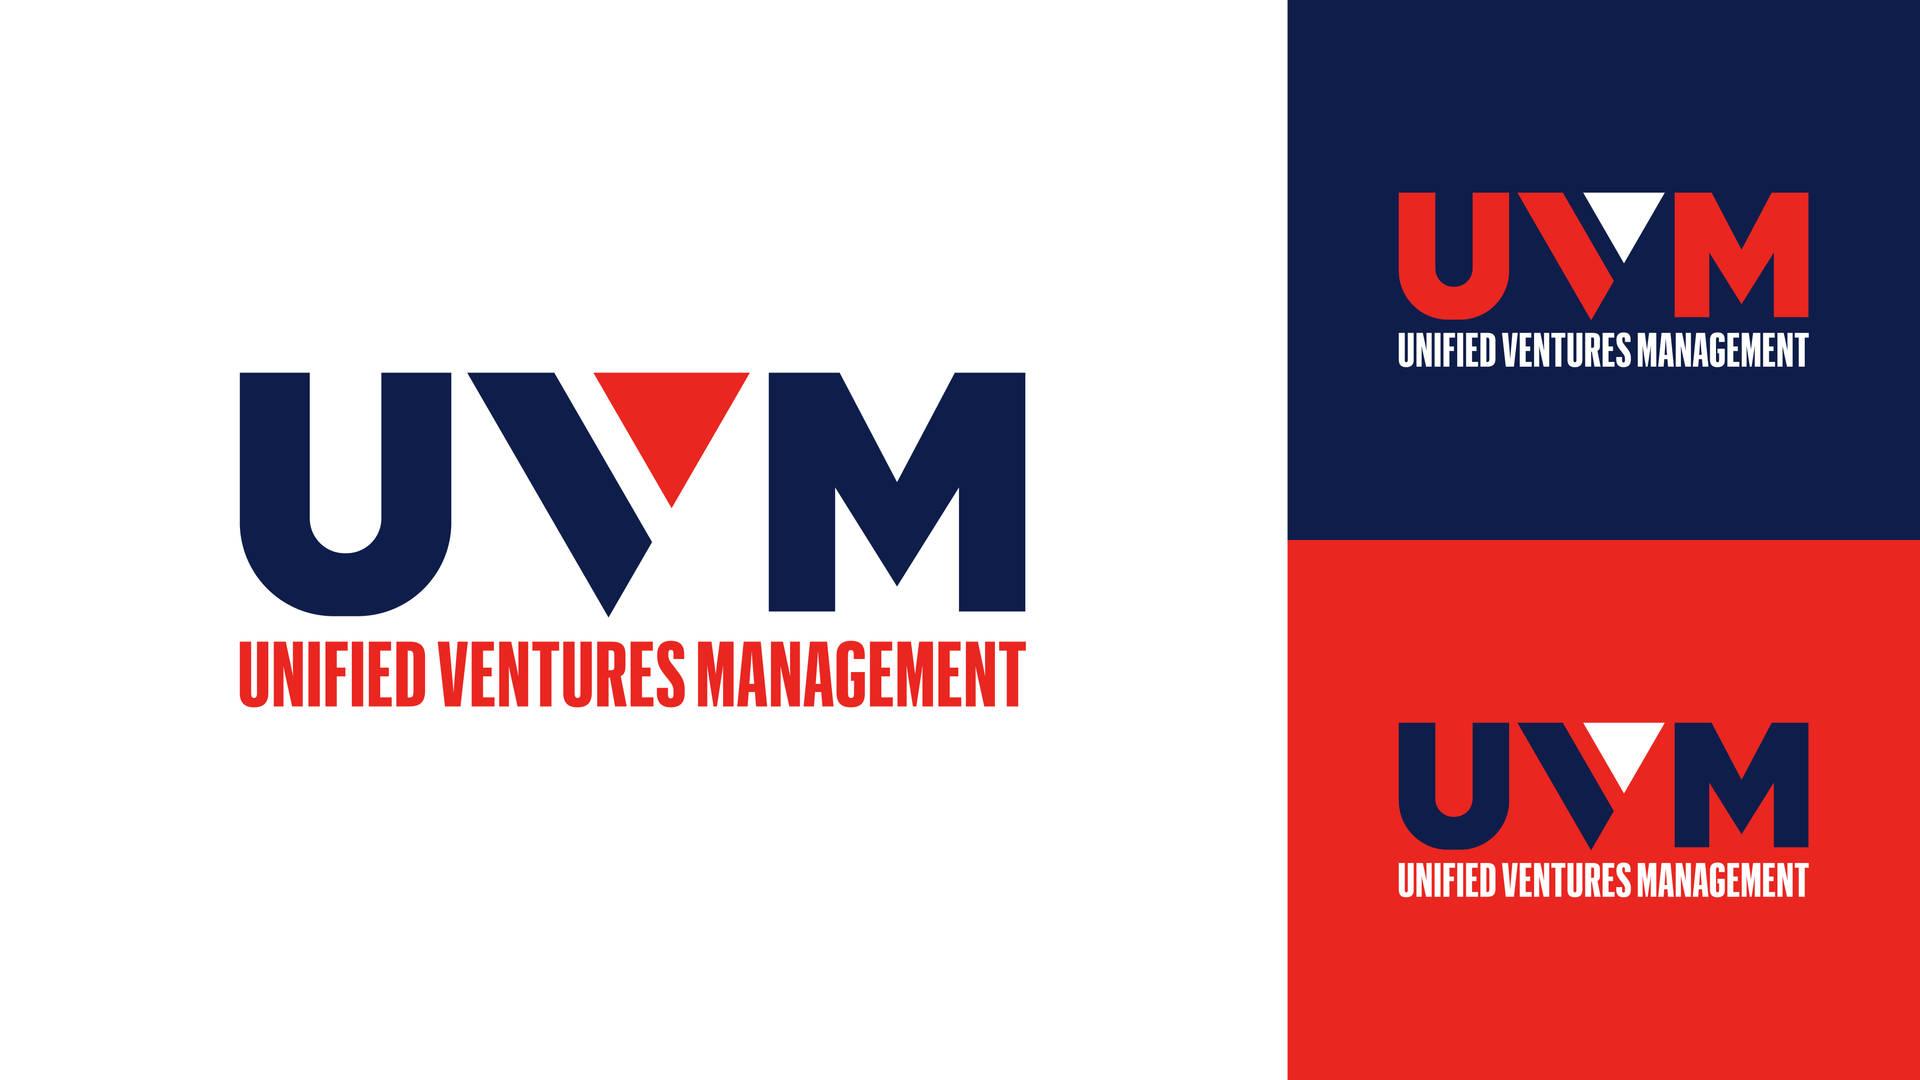 UVM1-01.jpg